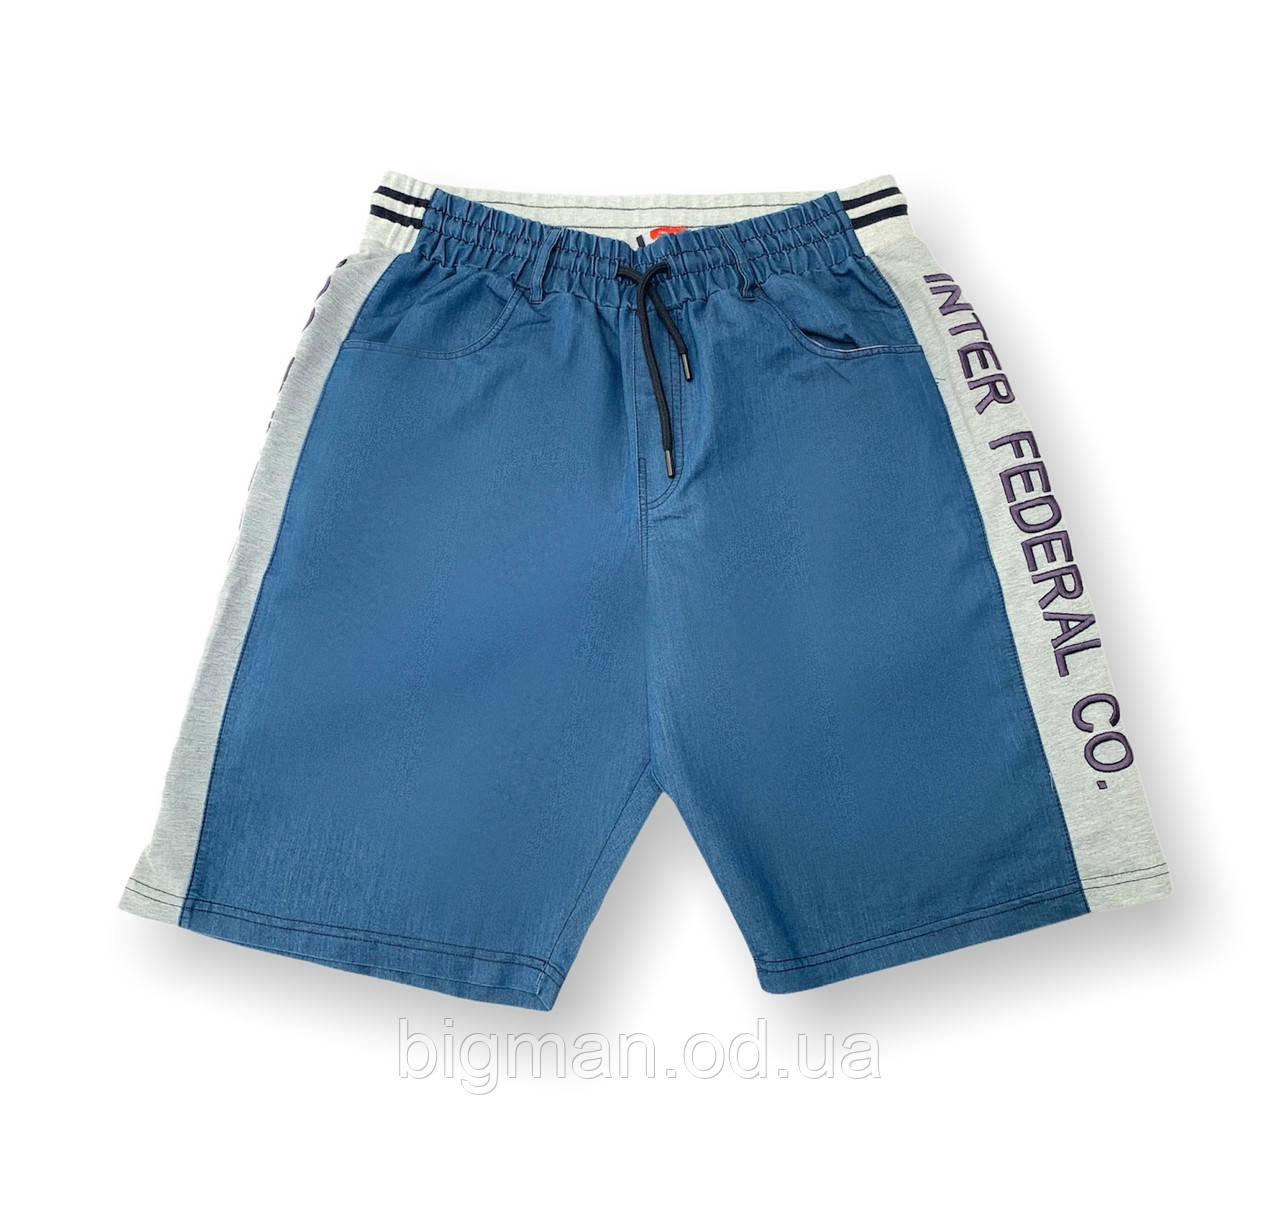 Чоловічі джинсові батальні шорти на резинці сині великі розміри (2XL 3XL 5XL) ifc Туреччина